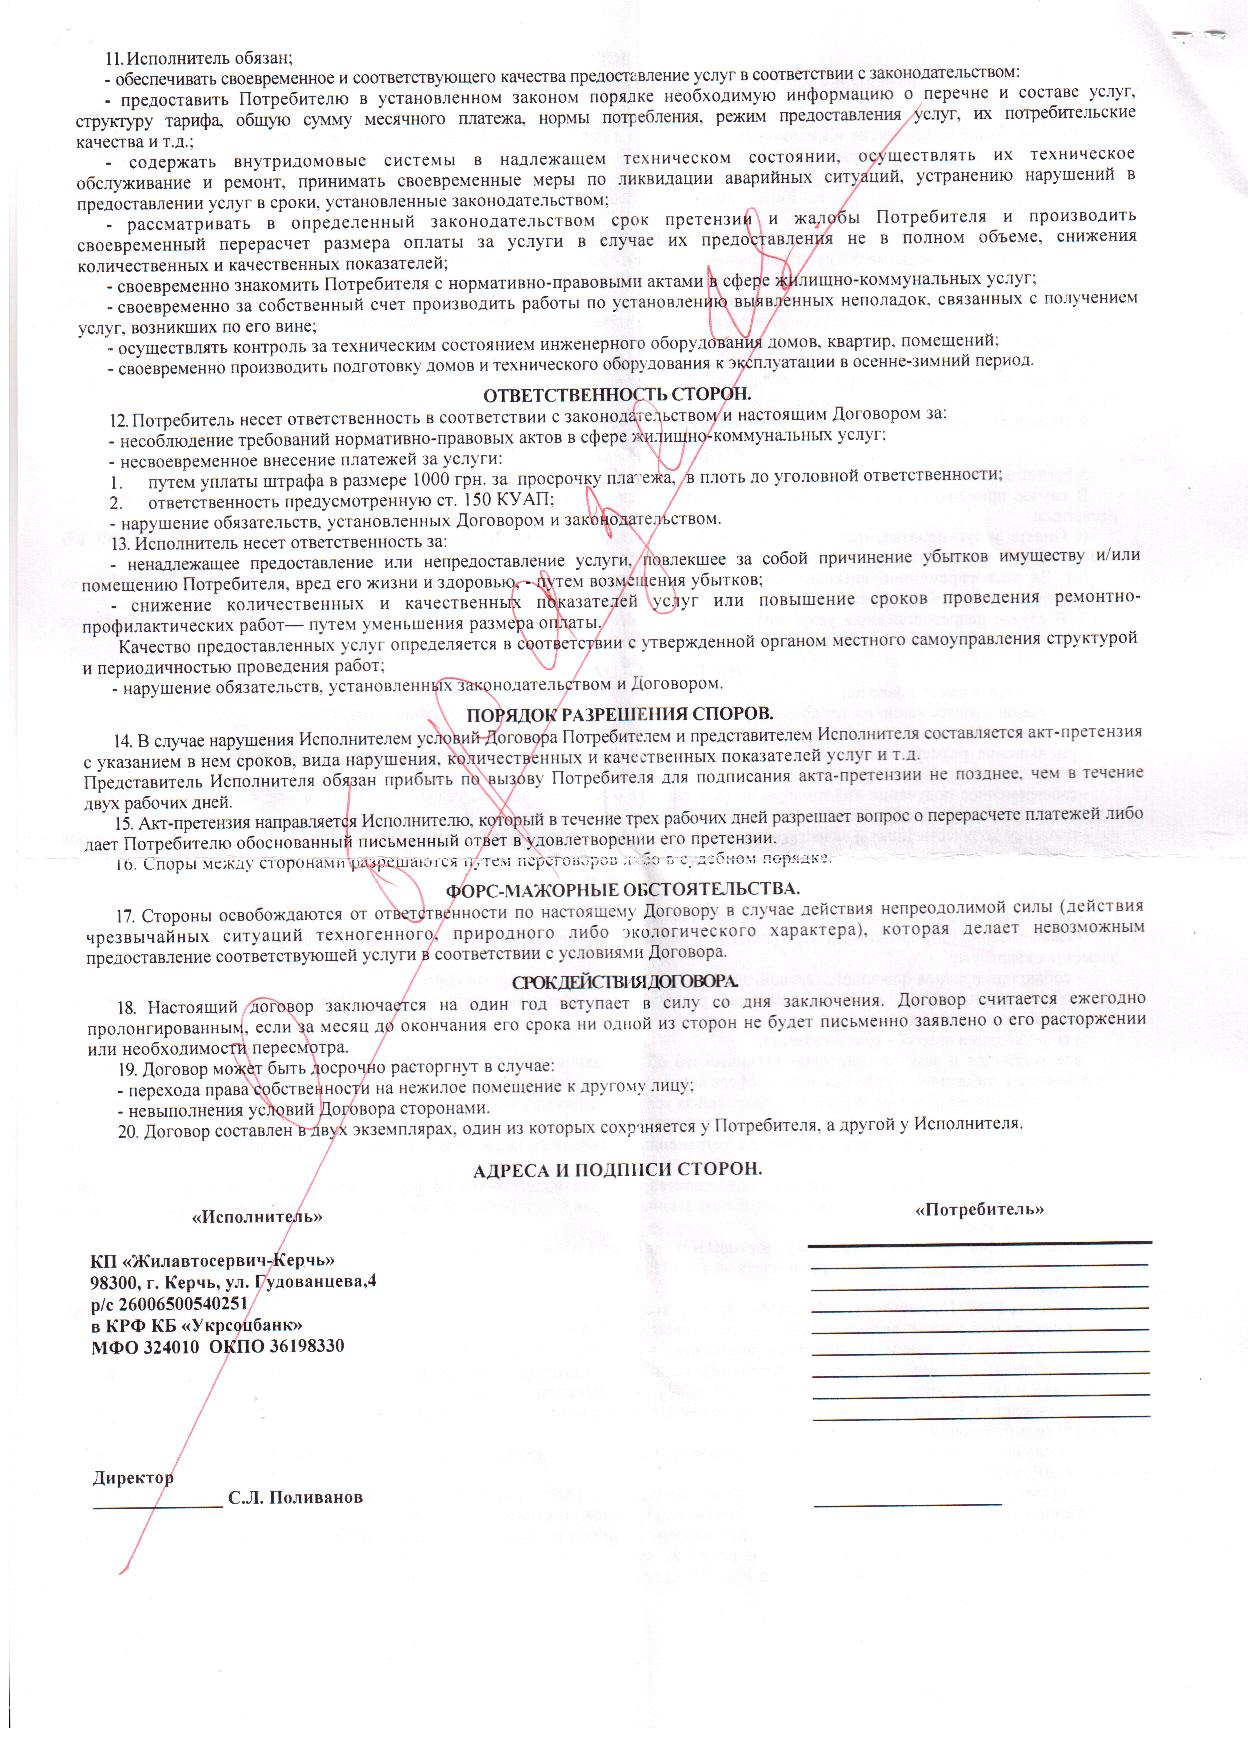 агентский договор на предоставление коммунальных услуг образец нее